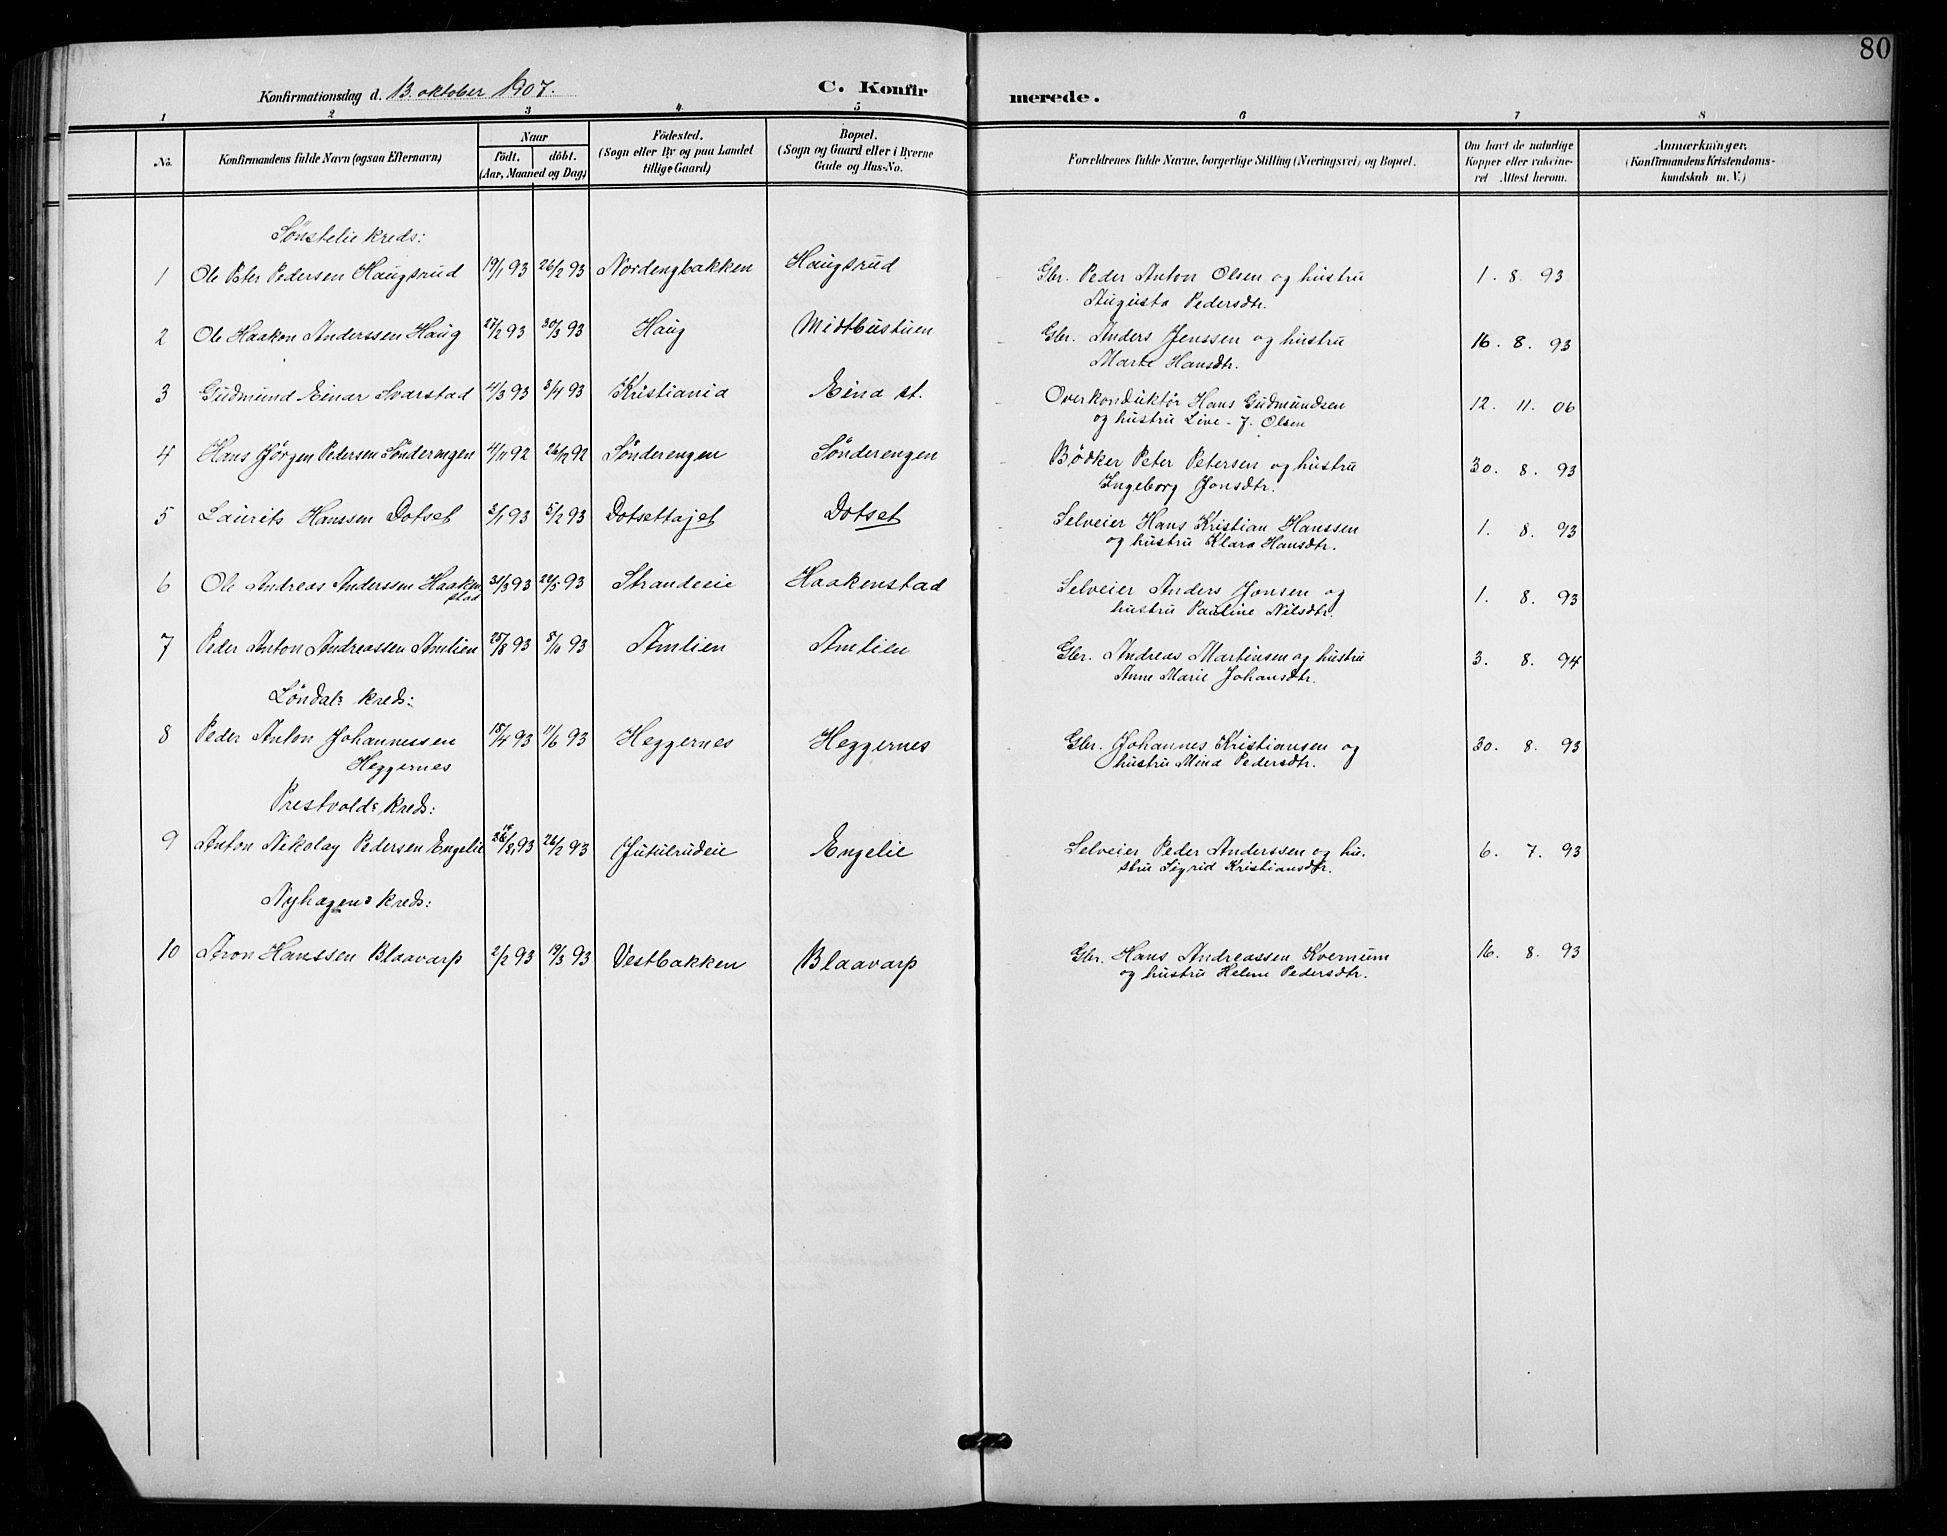 SAH, Vestre Toten prestekontor, Klokkerbok nr. 16, 1901-1915, s. 80